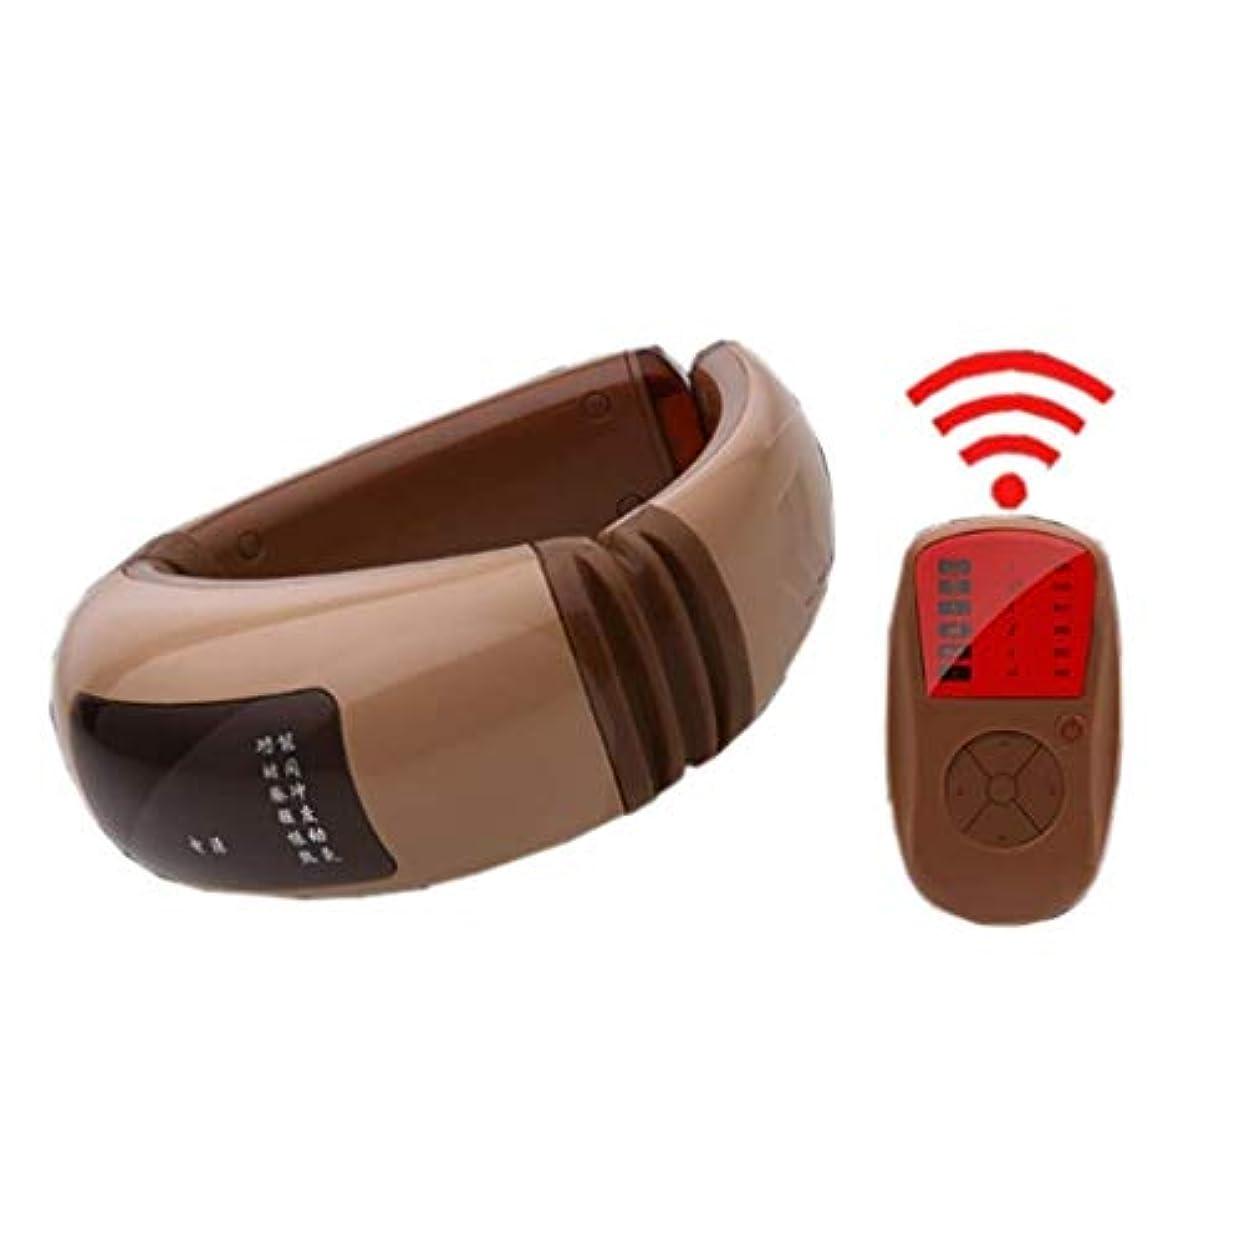 なんとなく堀アカデミーマッサージャー、ポータブルスマートネック振動マッサージャー、USB充電、デジタルディスプレイ、車のホームオフィスで使用